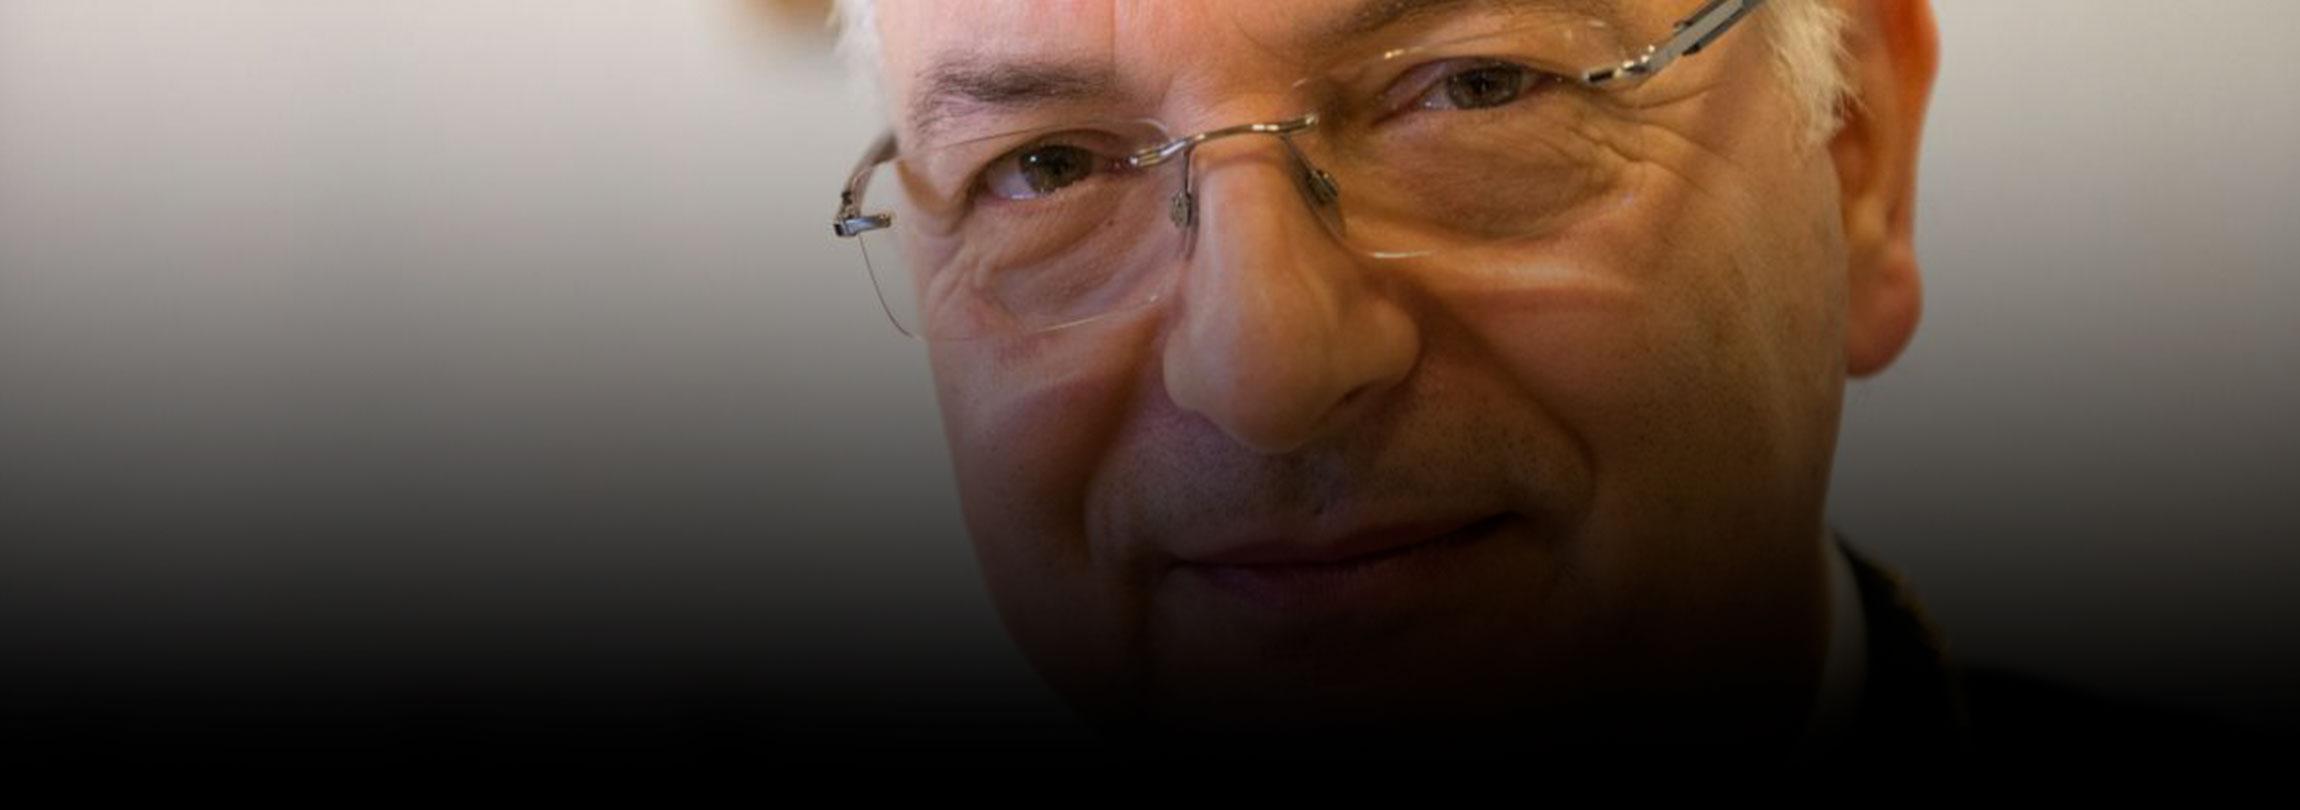 """Cardeal Mauro Piacenza explica a atual """"crise"""" do sacerdócio católico"""